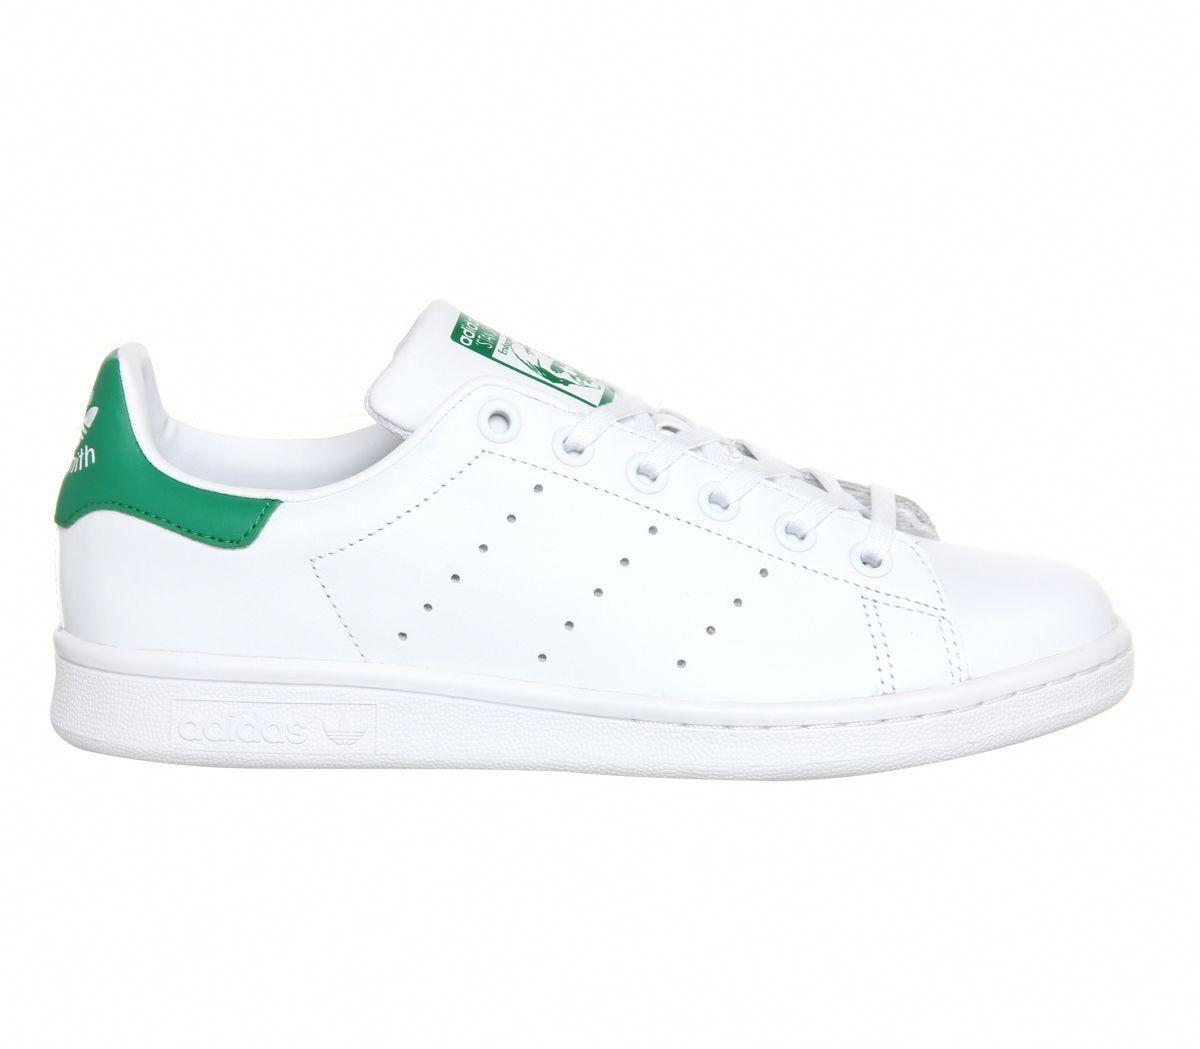 Stan smith trainers, Adidas stan smith